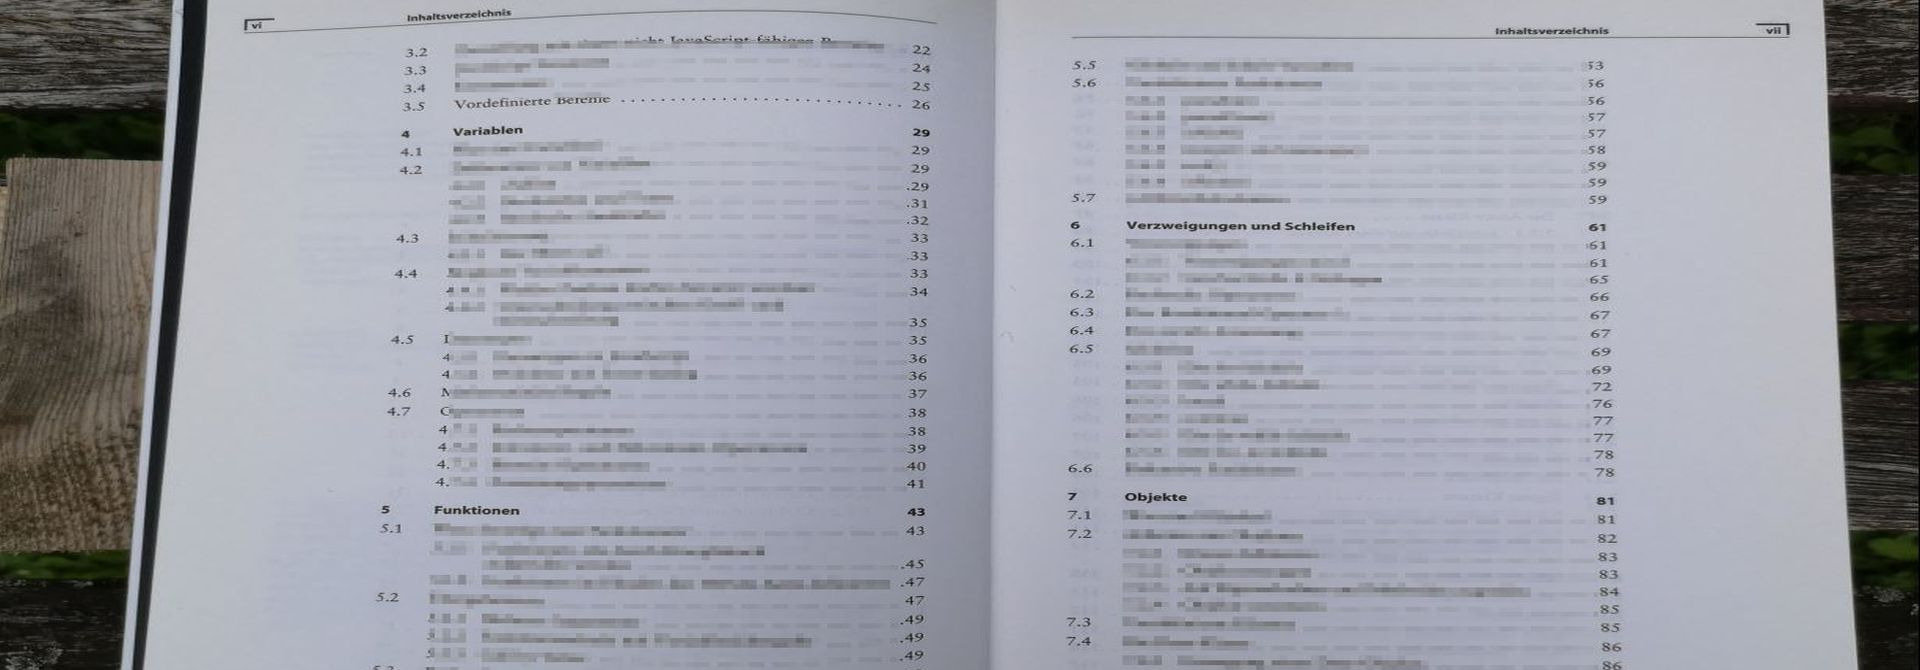 WordPress: Inhaltsverzeichnis (table of contents)